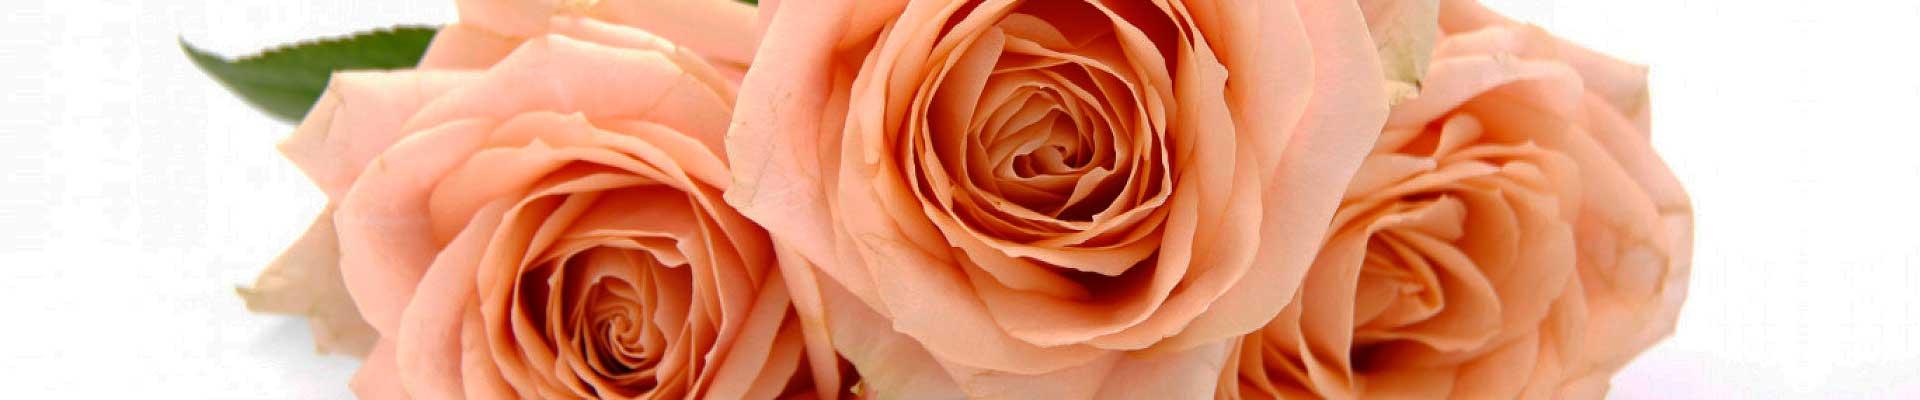 flores rosa chá